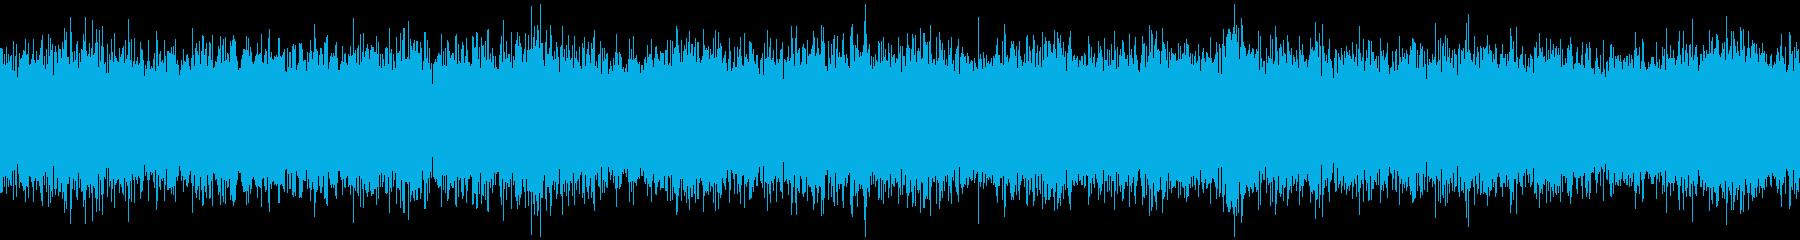 (ビュー)強風_吹雪_台風_ループ_01の再生済みの波形